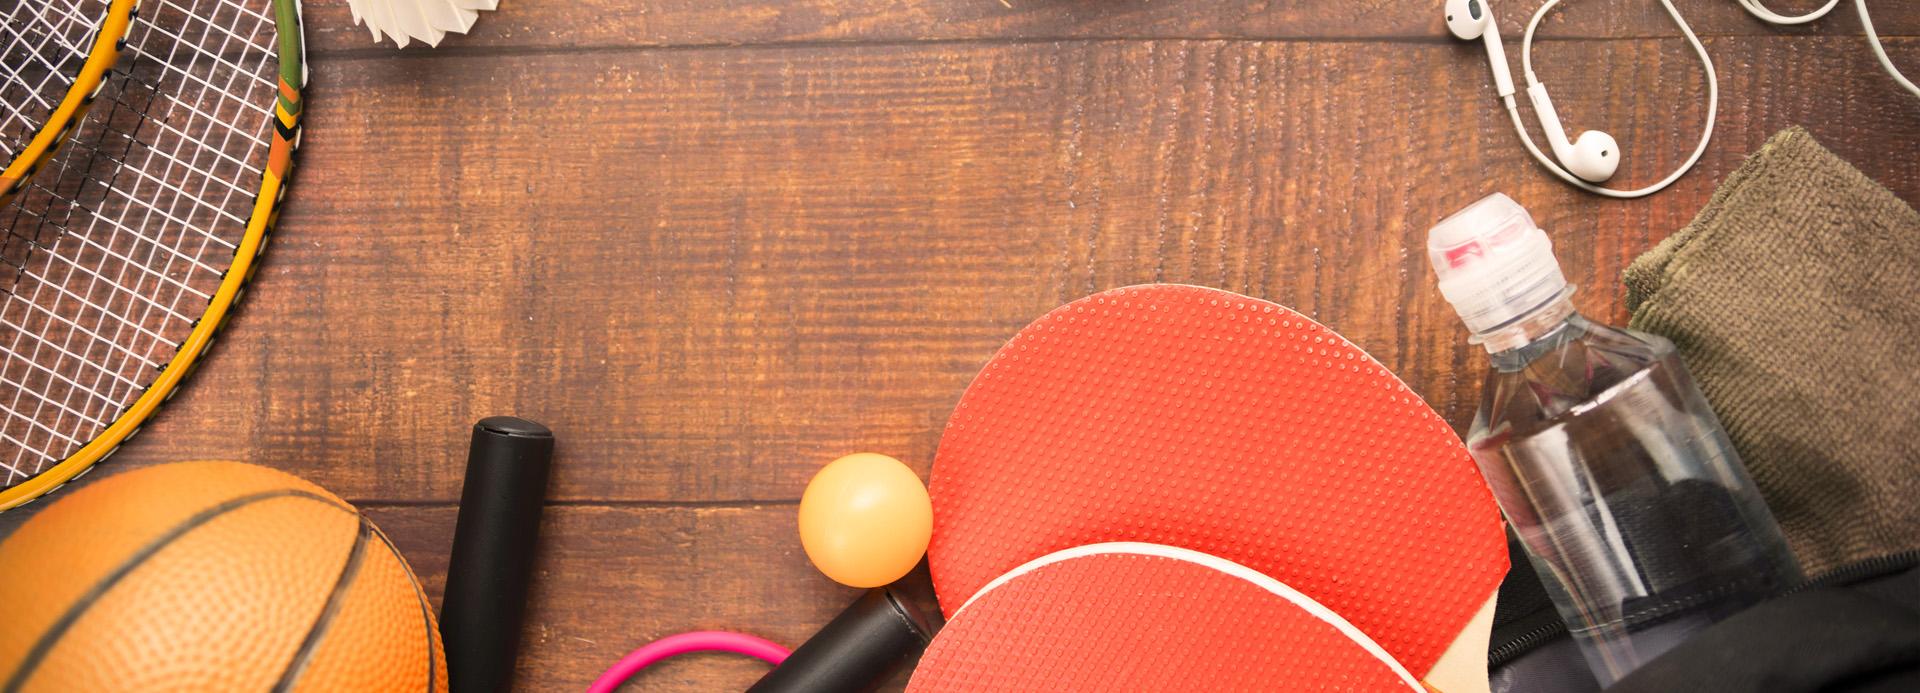 Raquettes, bouteille d'eau, ballon et écouteurs sur une table